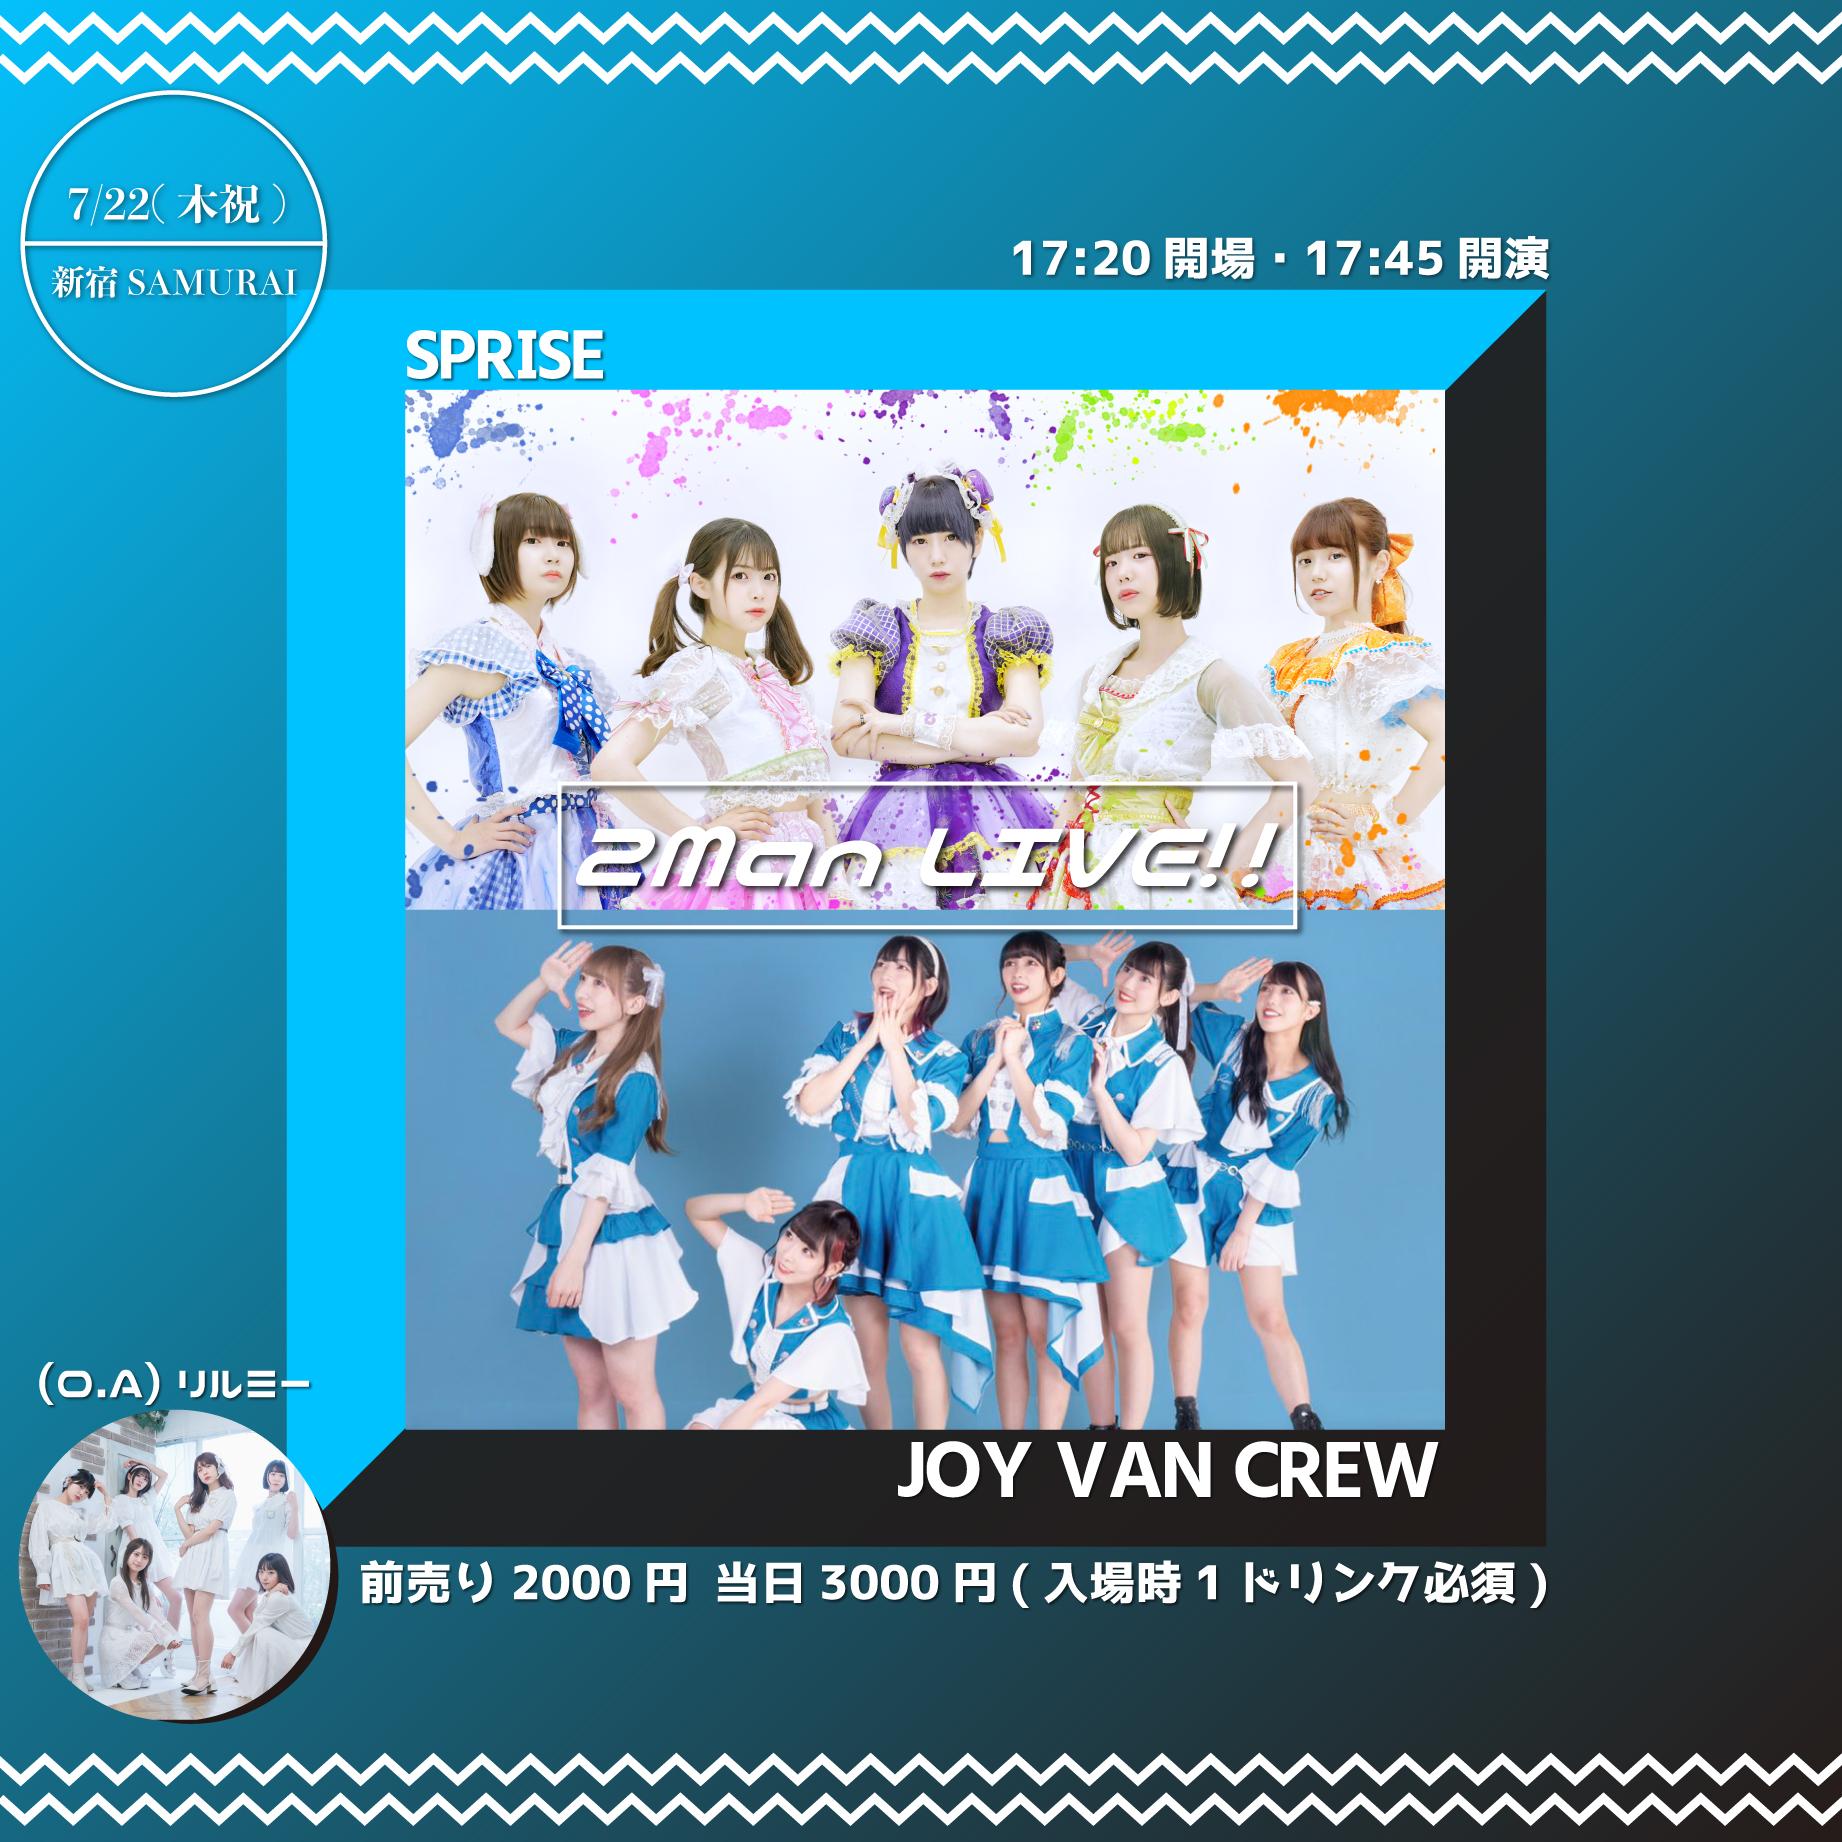 7/22(木祝) SPRISE × JOY VAN CREW 2Man Live!!